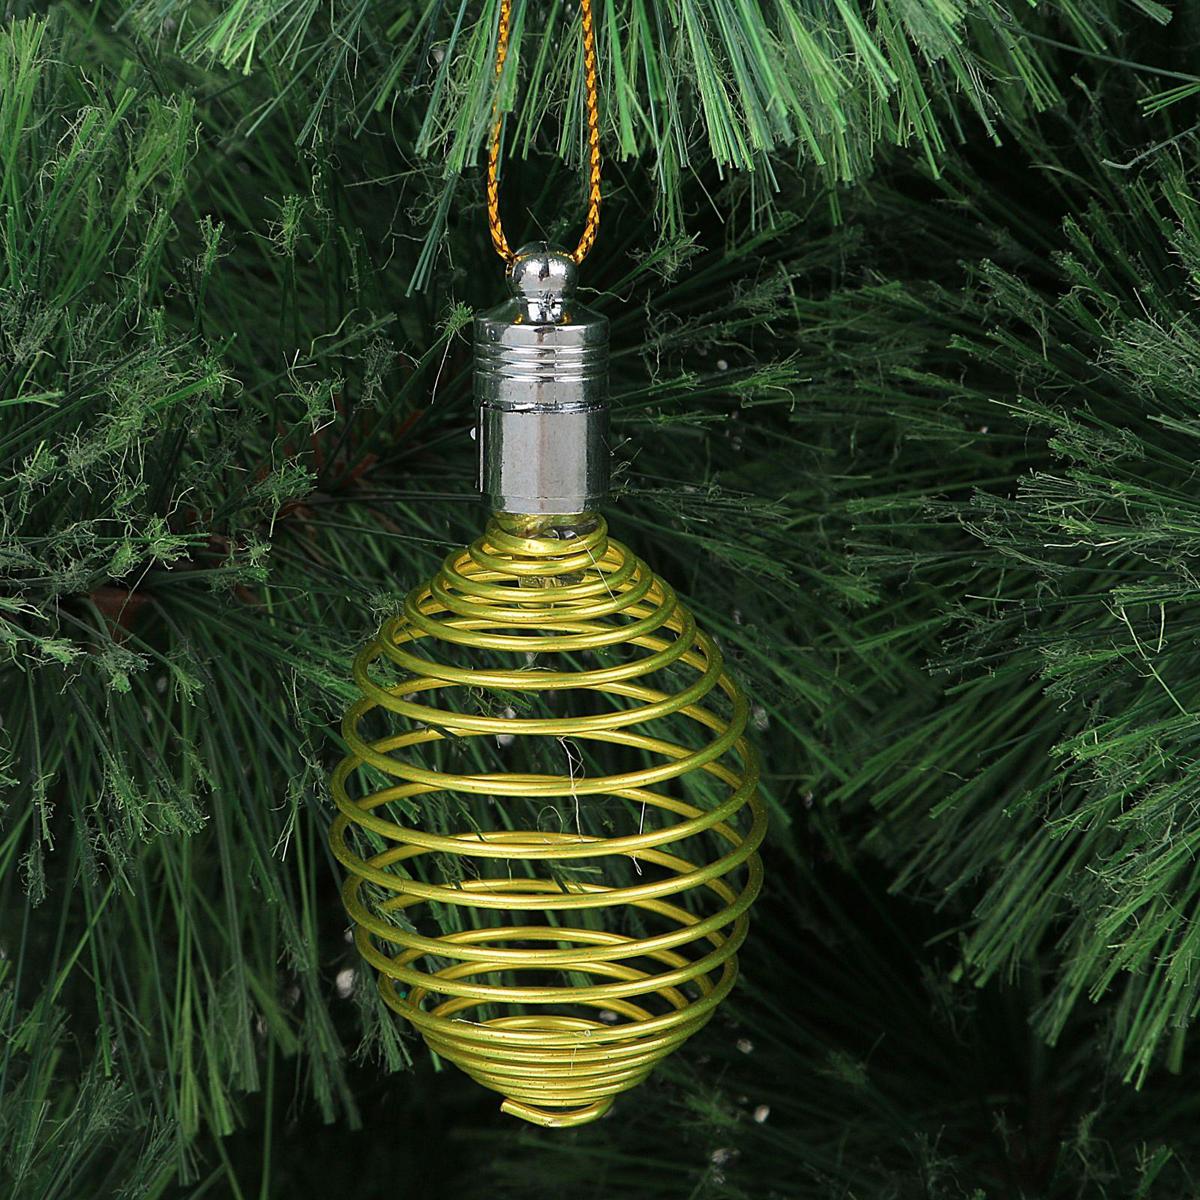 Украшение новогоднее подвесное Luazon Lighting Пружинка, световое, цвет: желтый, 7 см2327175Световая новогодняя подвеска Luazon Lighting выполнена из металла в виде пружинки. Елочное украшение выглядит как простая елочная игрушка днем, но при этом остается видимой вечером. Просто включите изделие с наступлением темноты, и оно украсит елку огоньками. Подвеска Luazon Lighting работает от батареек (входят в комплект) и пожаробезопасна, так как светодиоды не нагреваются, в отличие от ламп накаливания.